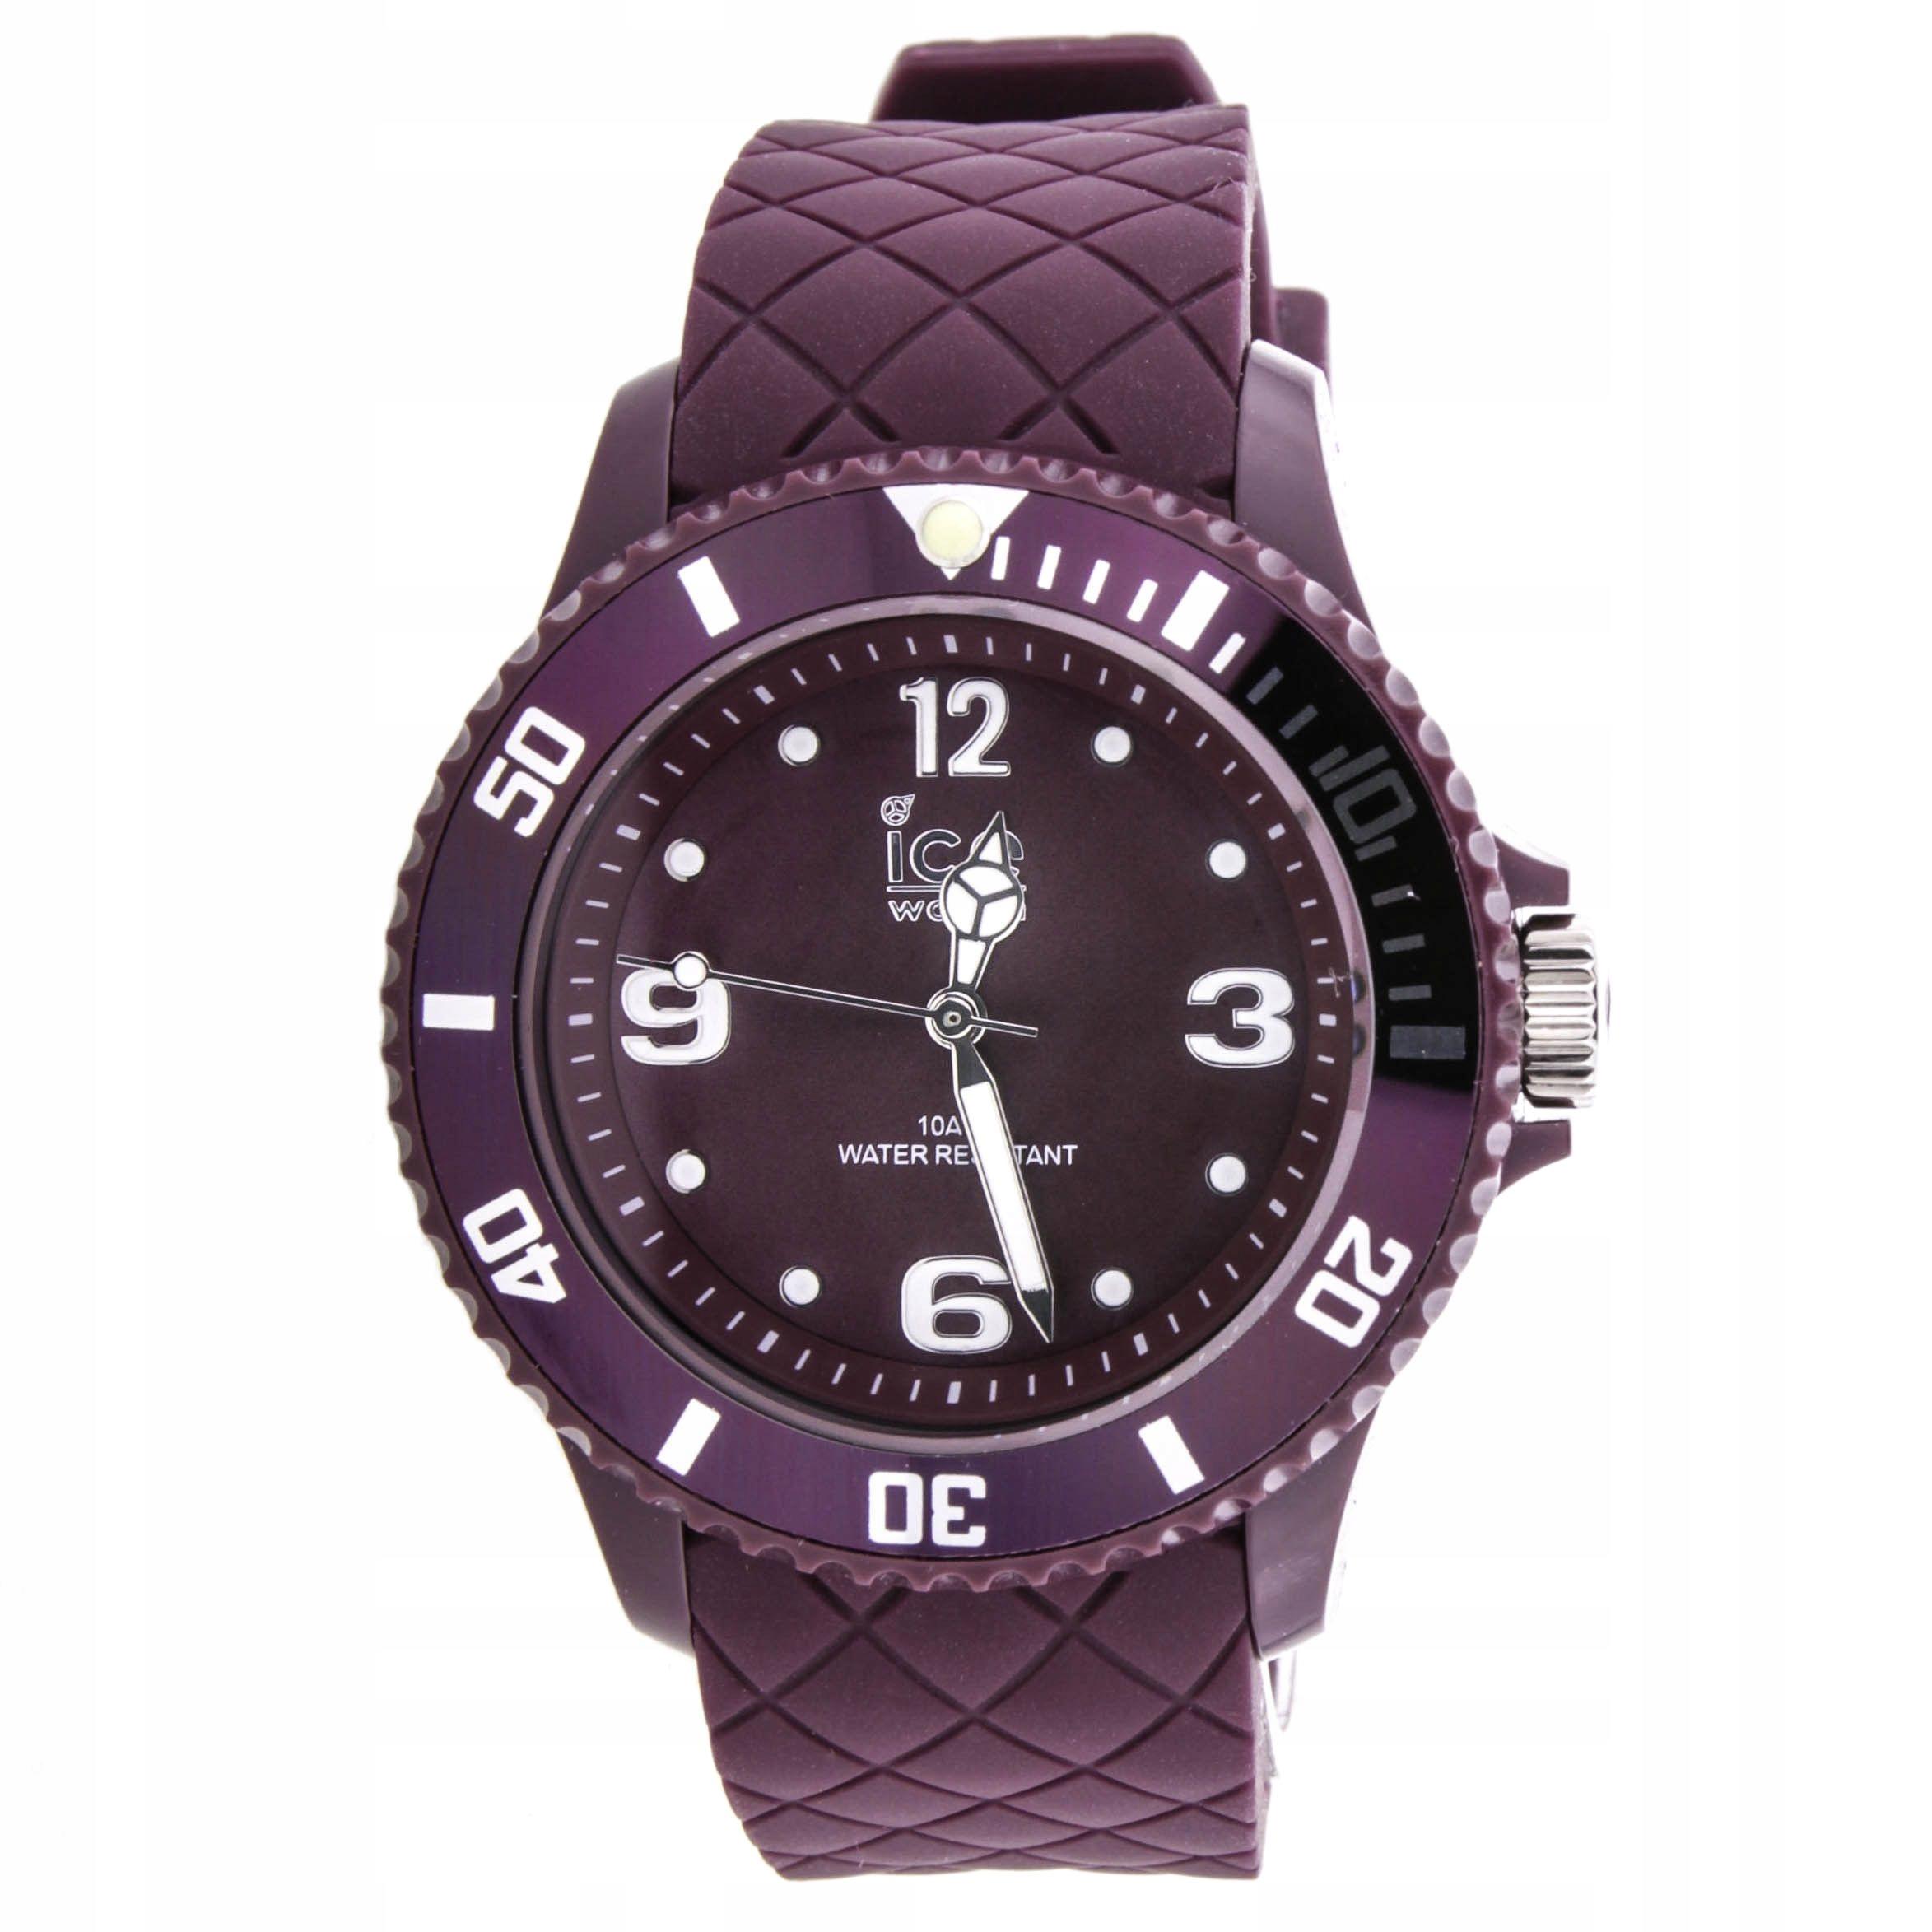 Zegarek ICE WATCH 007274 10 ATM fioletowy